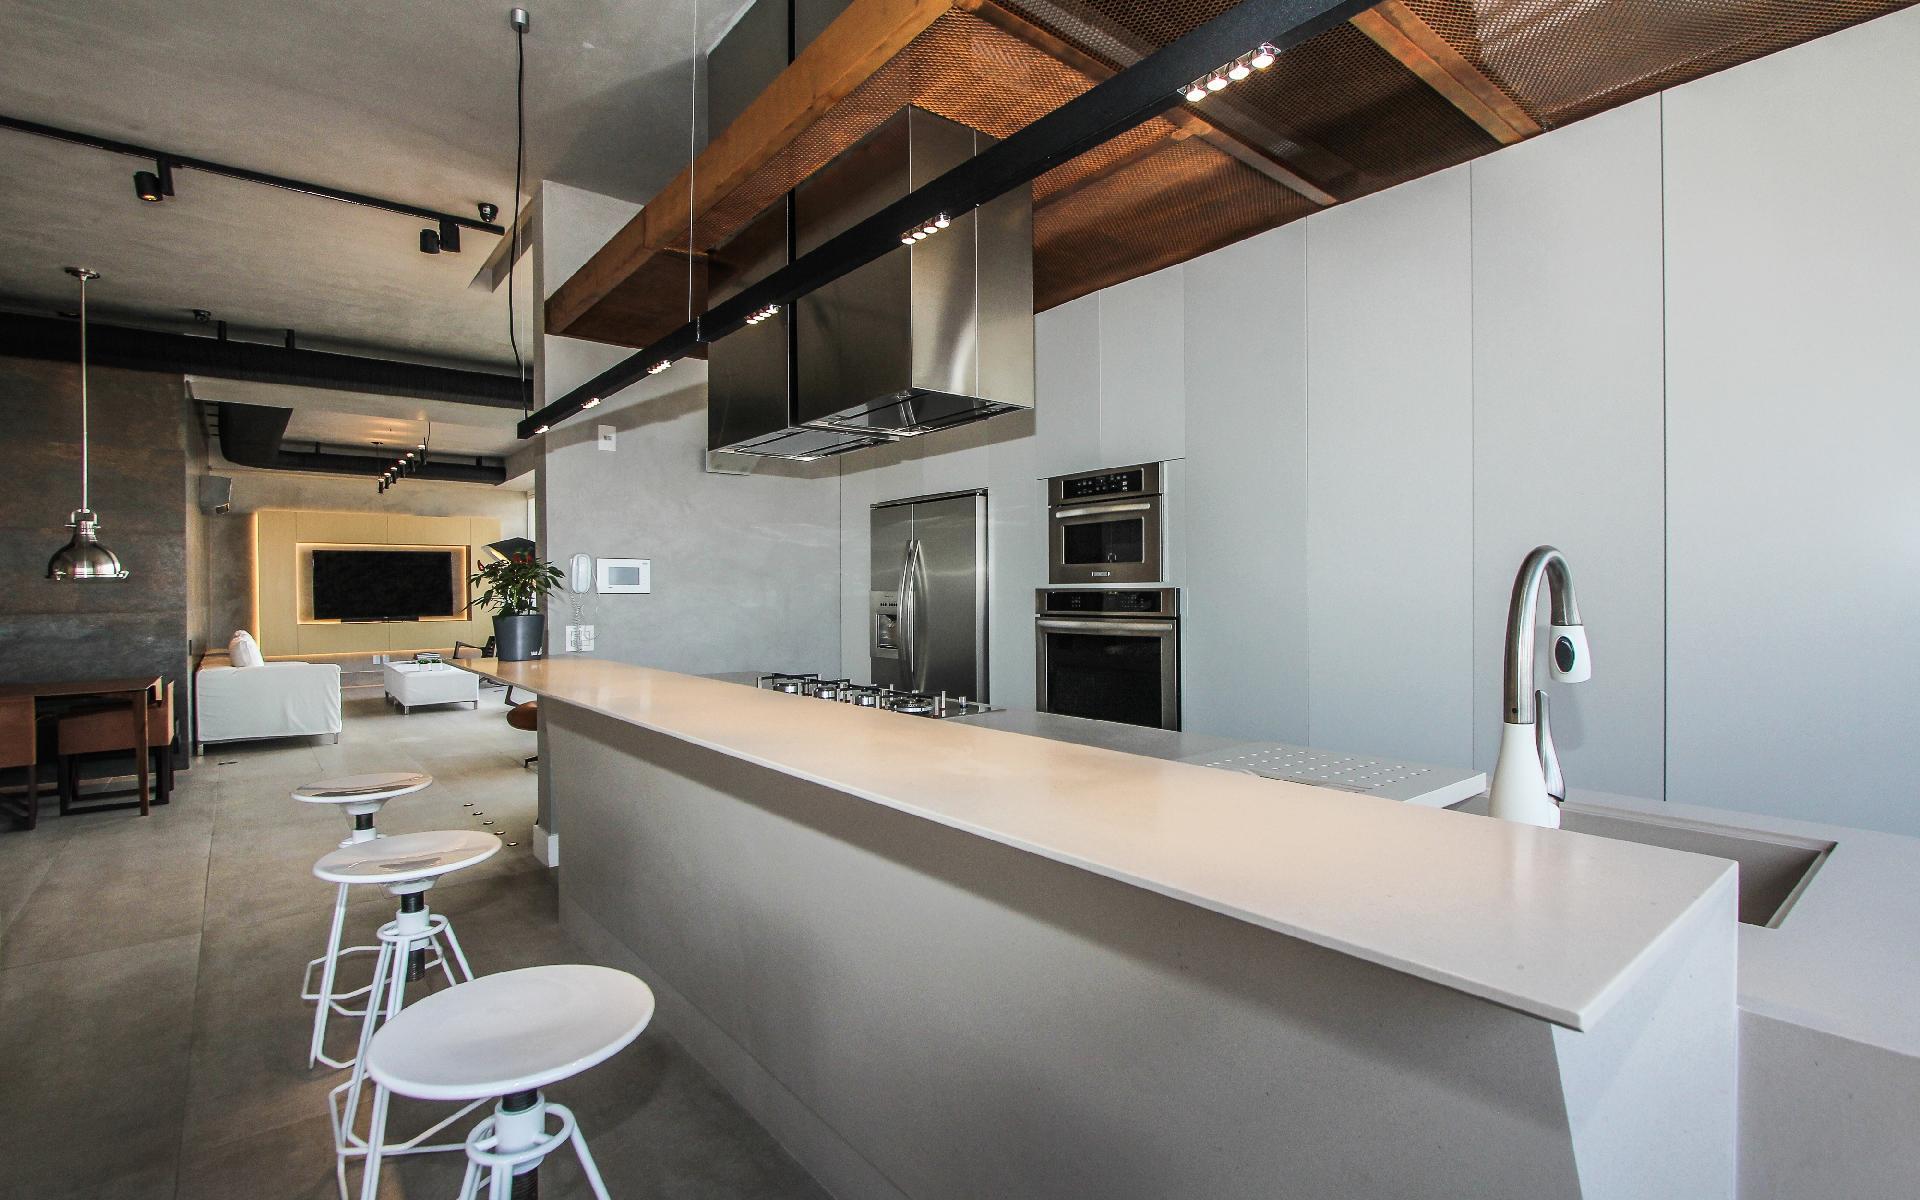 Azulejo Cozinha Horizontal Ou Vertical Beyato Com V Rios  ~ Ideias Para Reforma De Cozinha